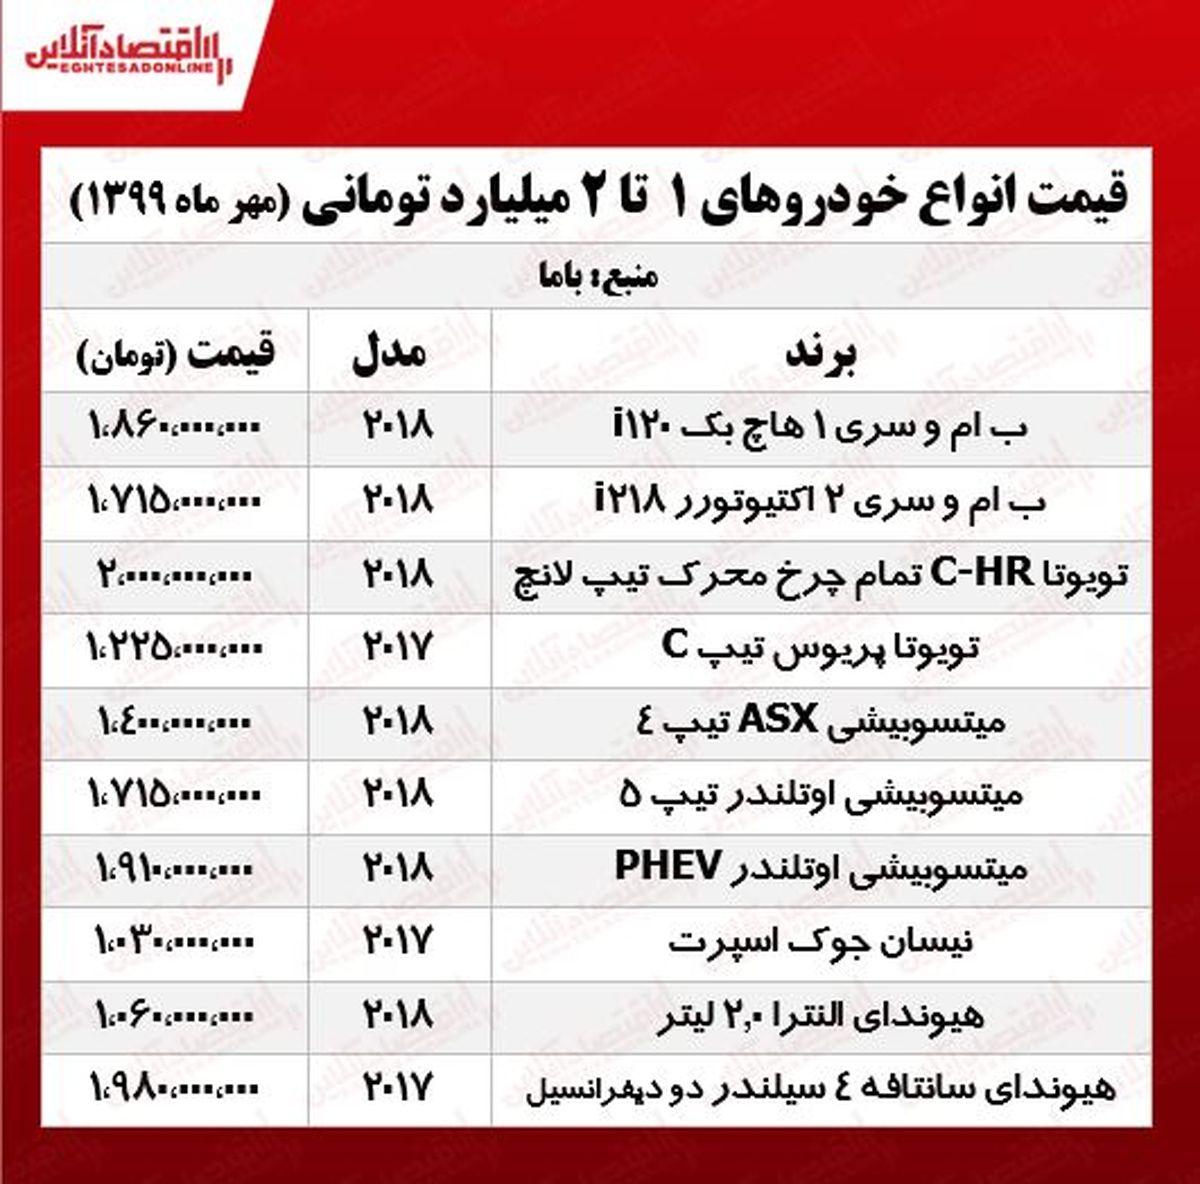 قیمت روز خودروهای میلیاردی +جدول